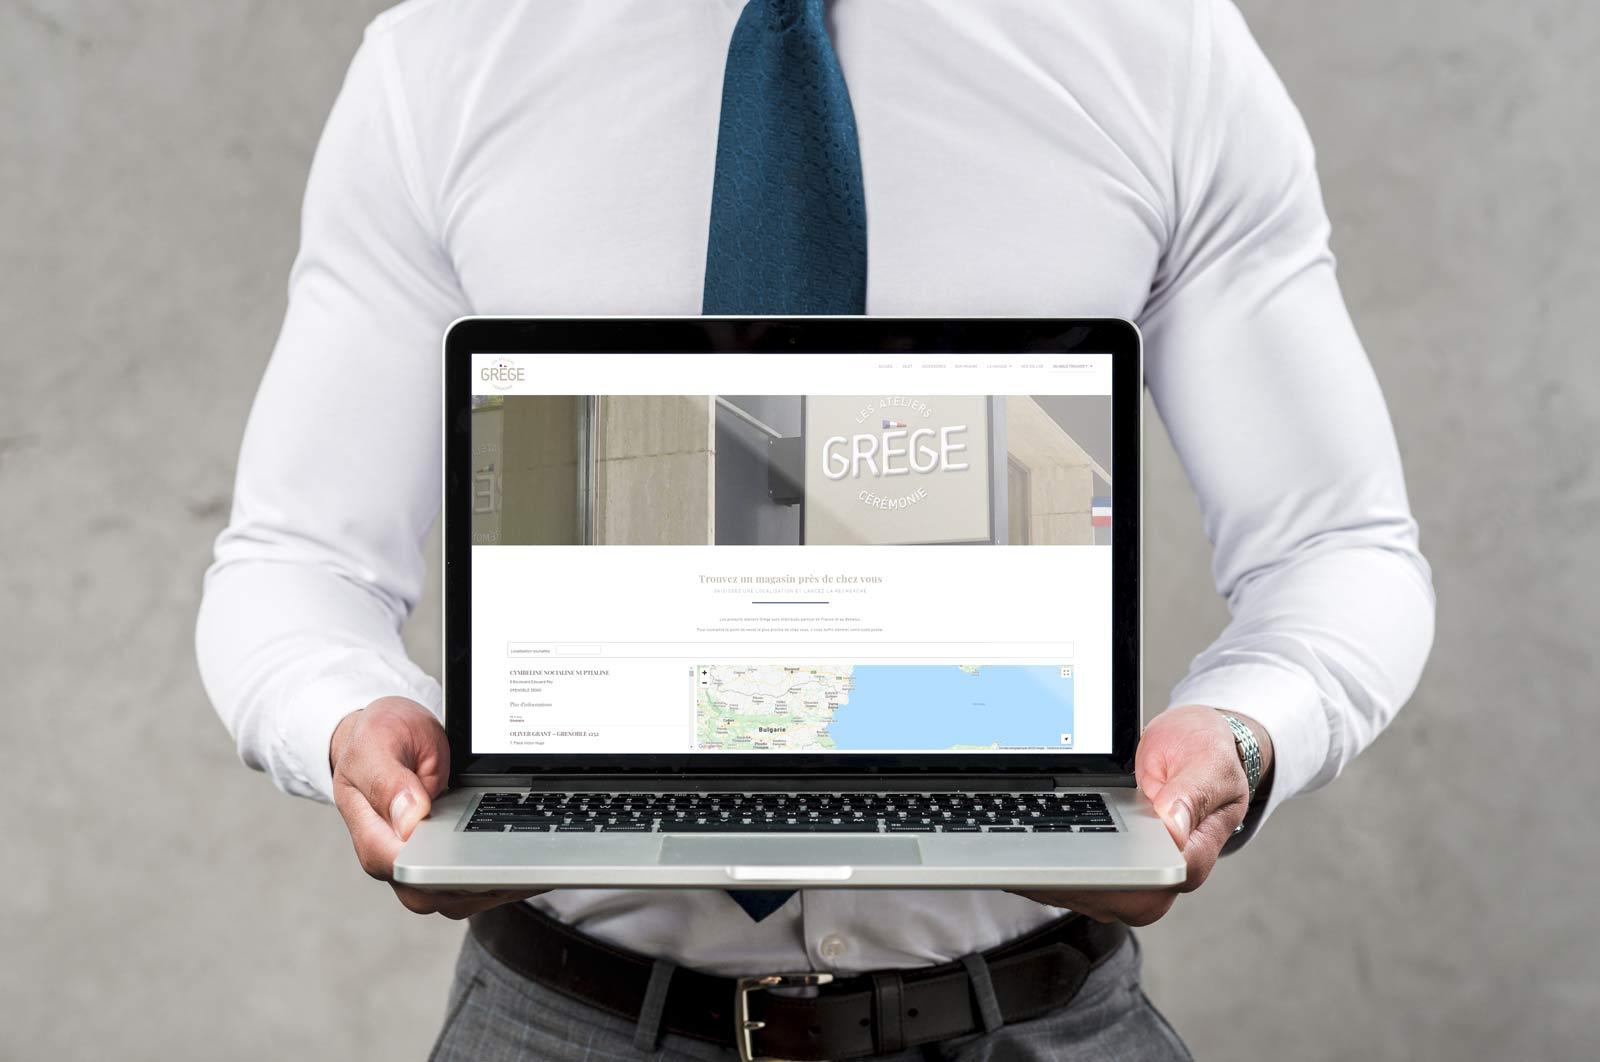 Géolocalisation interactive - Grège France